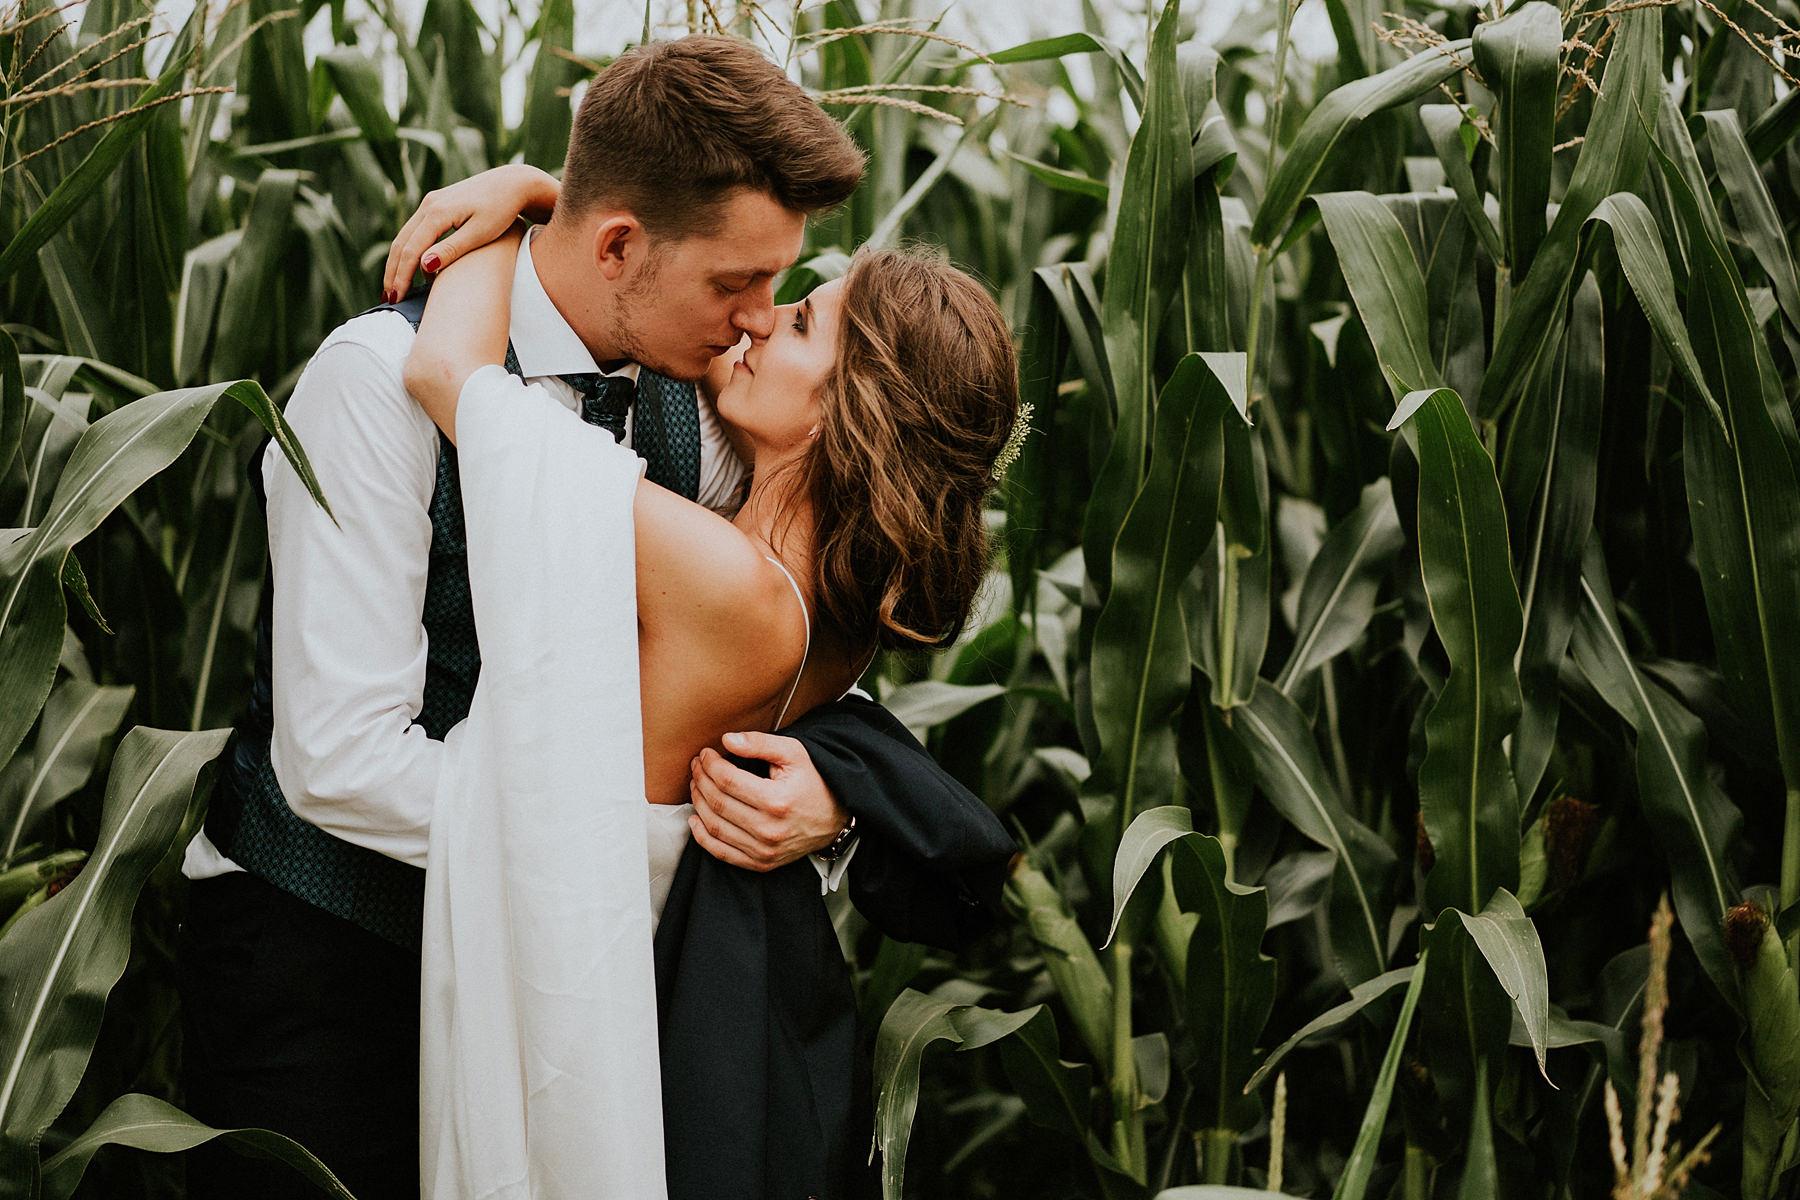 sesja ślubna w polu kukurydzy